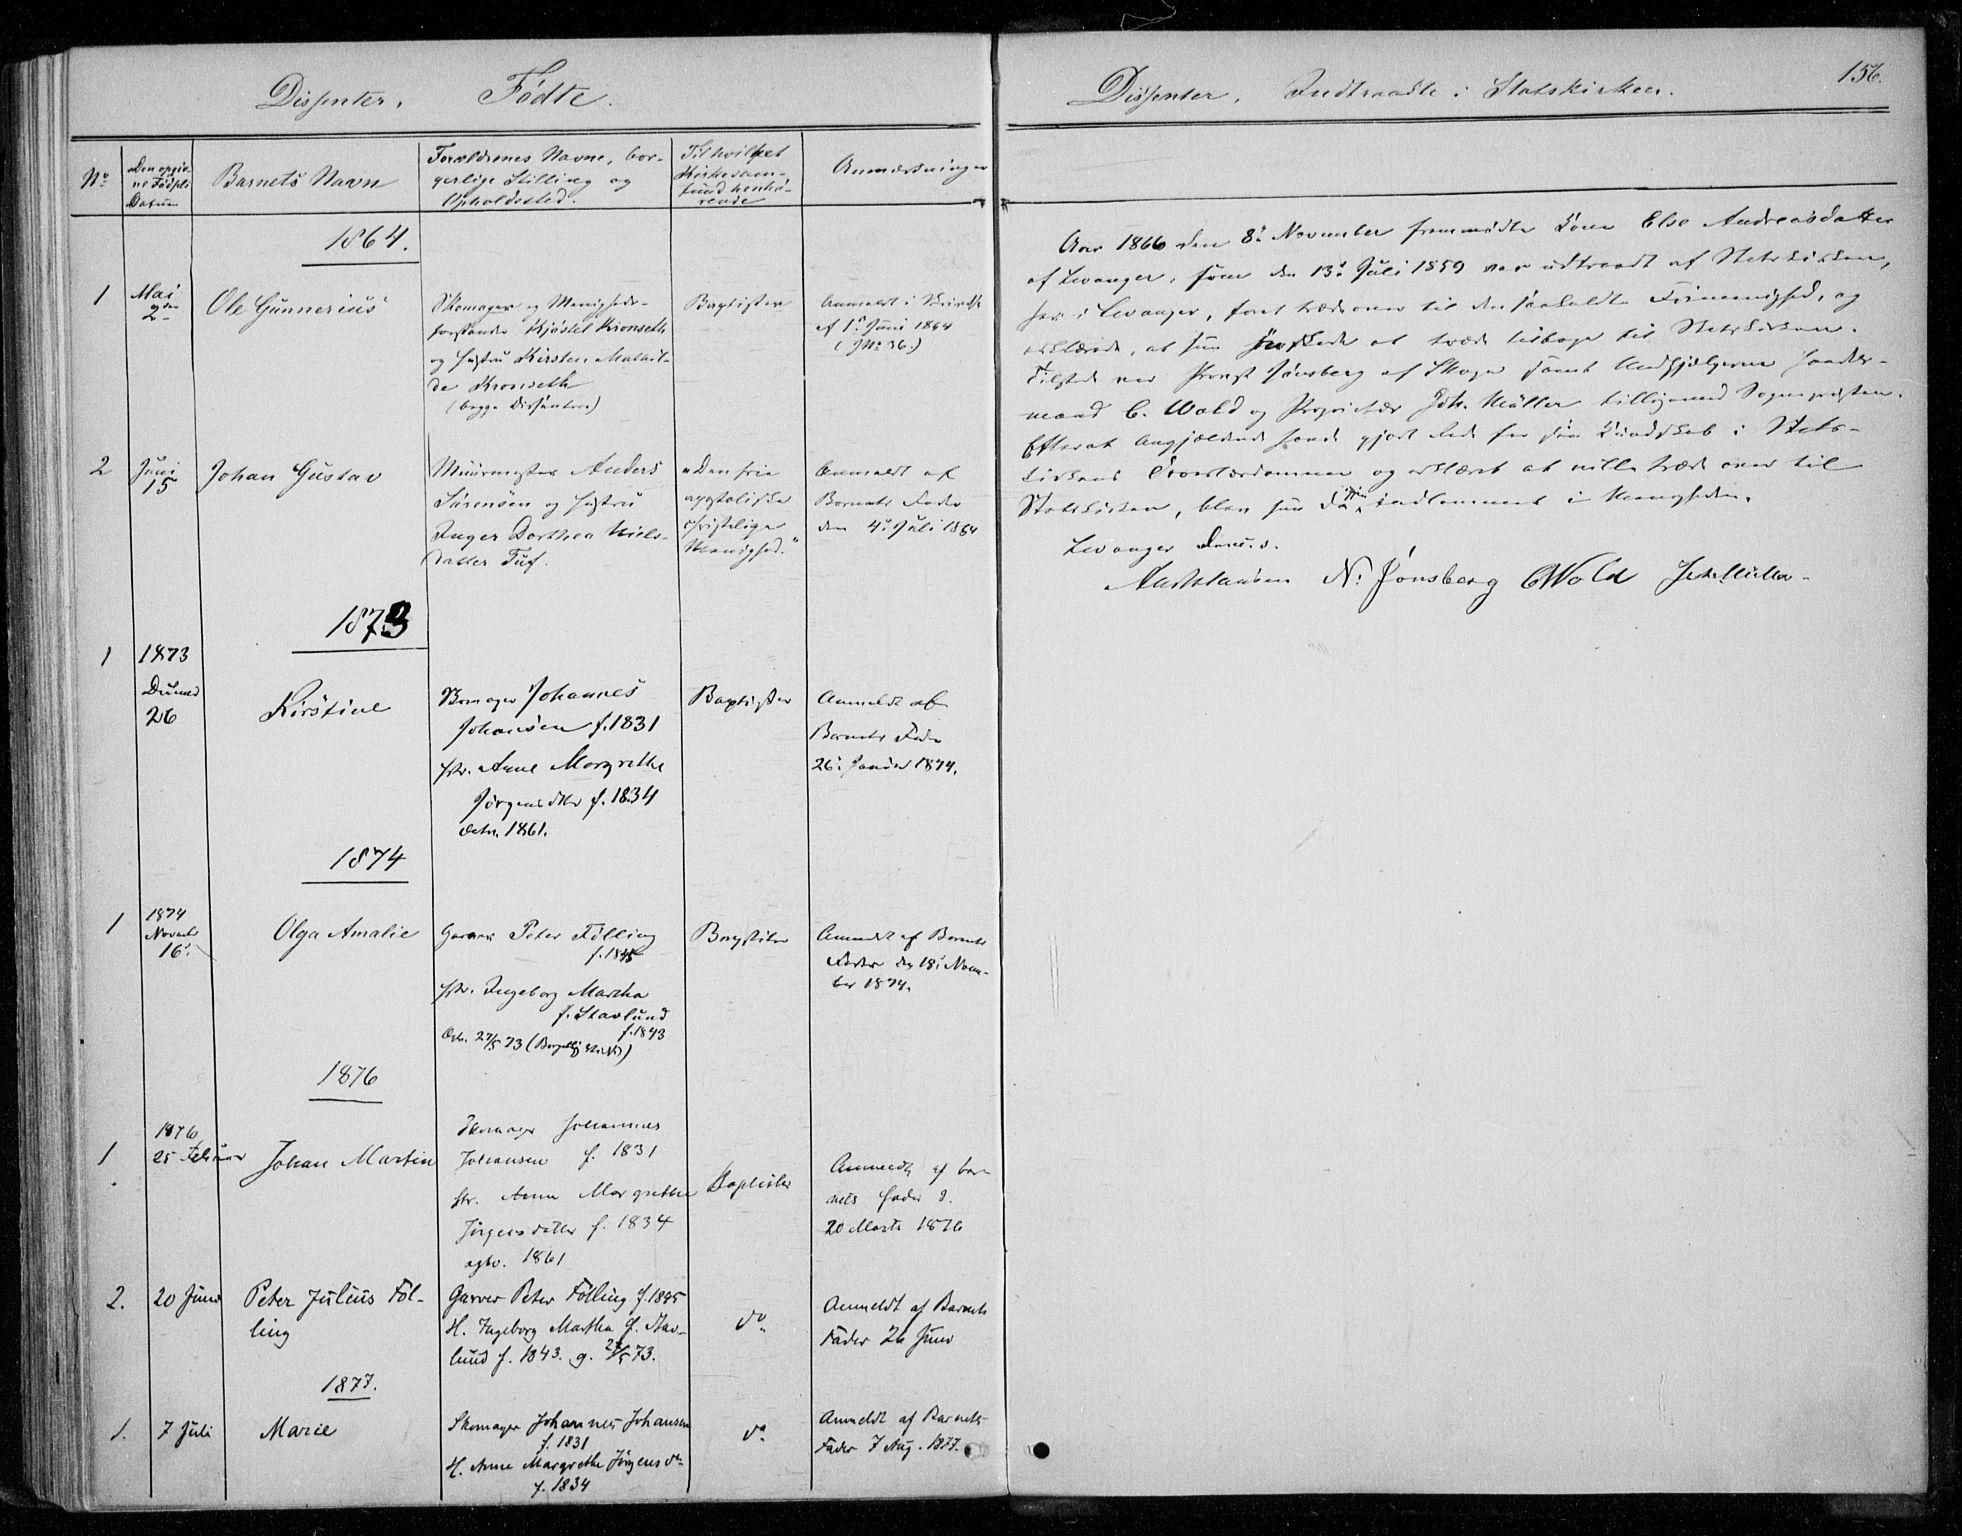 SAT, Ministerialprotokoller, klokkerbøker og fødselsregistre - Nord-Trøndelag, 720/L0186: Ministerialbok nr. 720A03, 1864-1874, s. 156